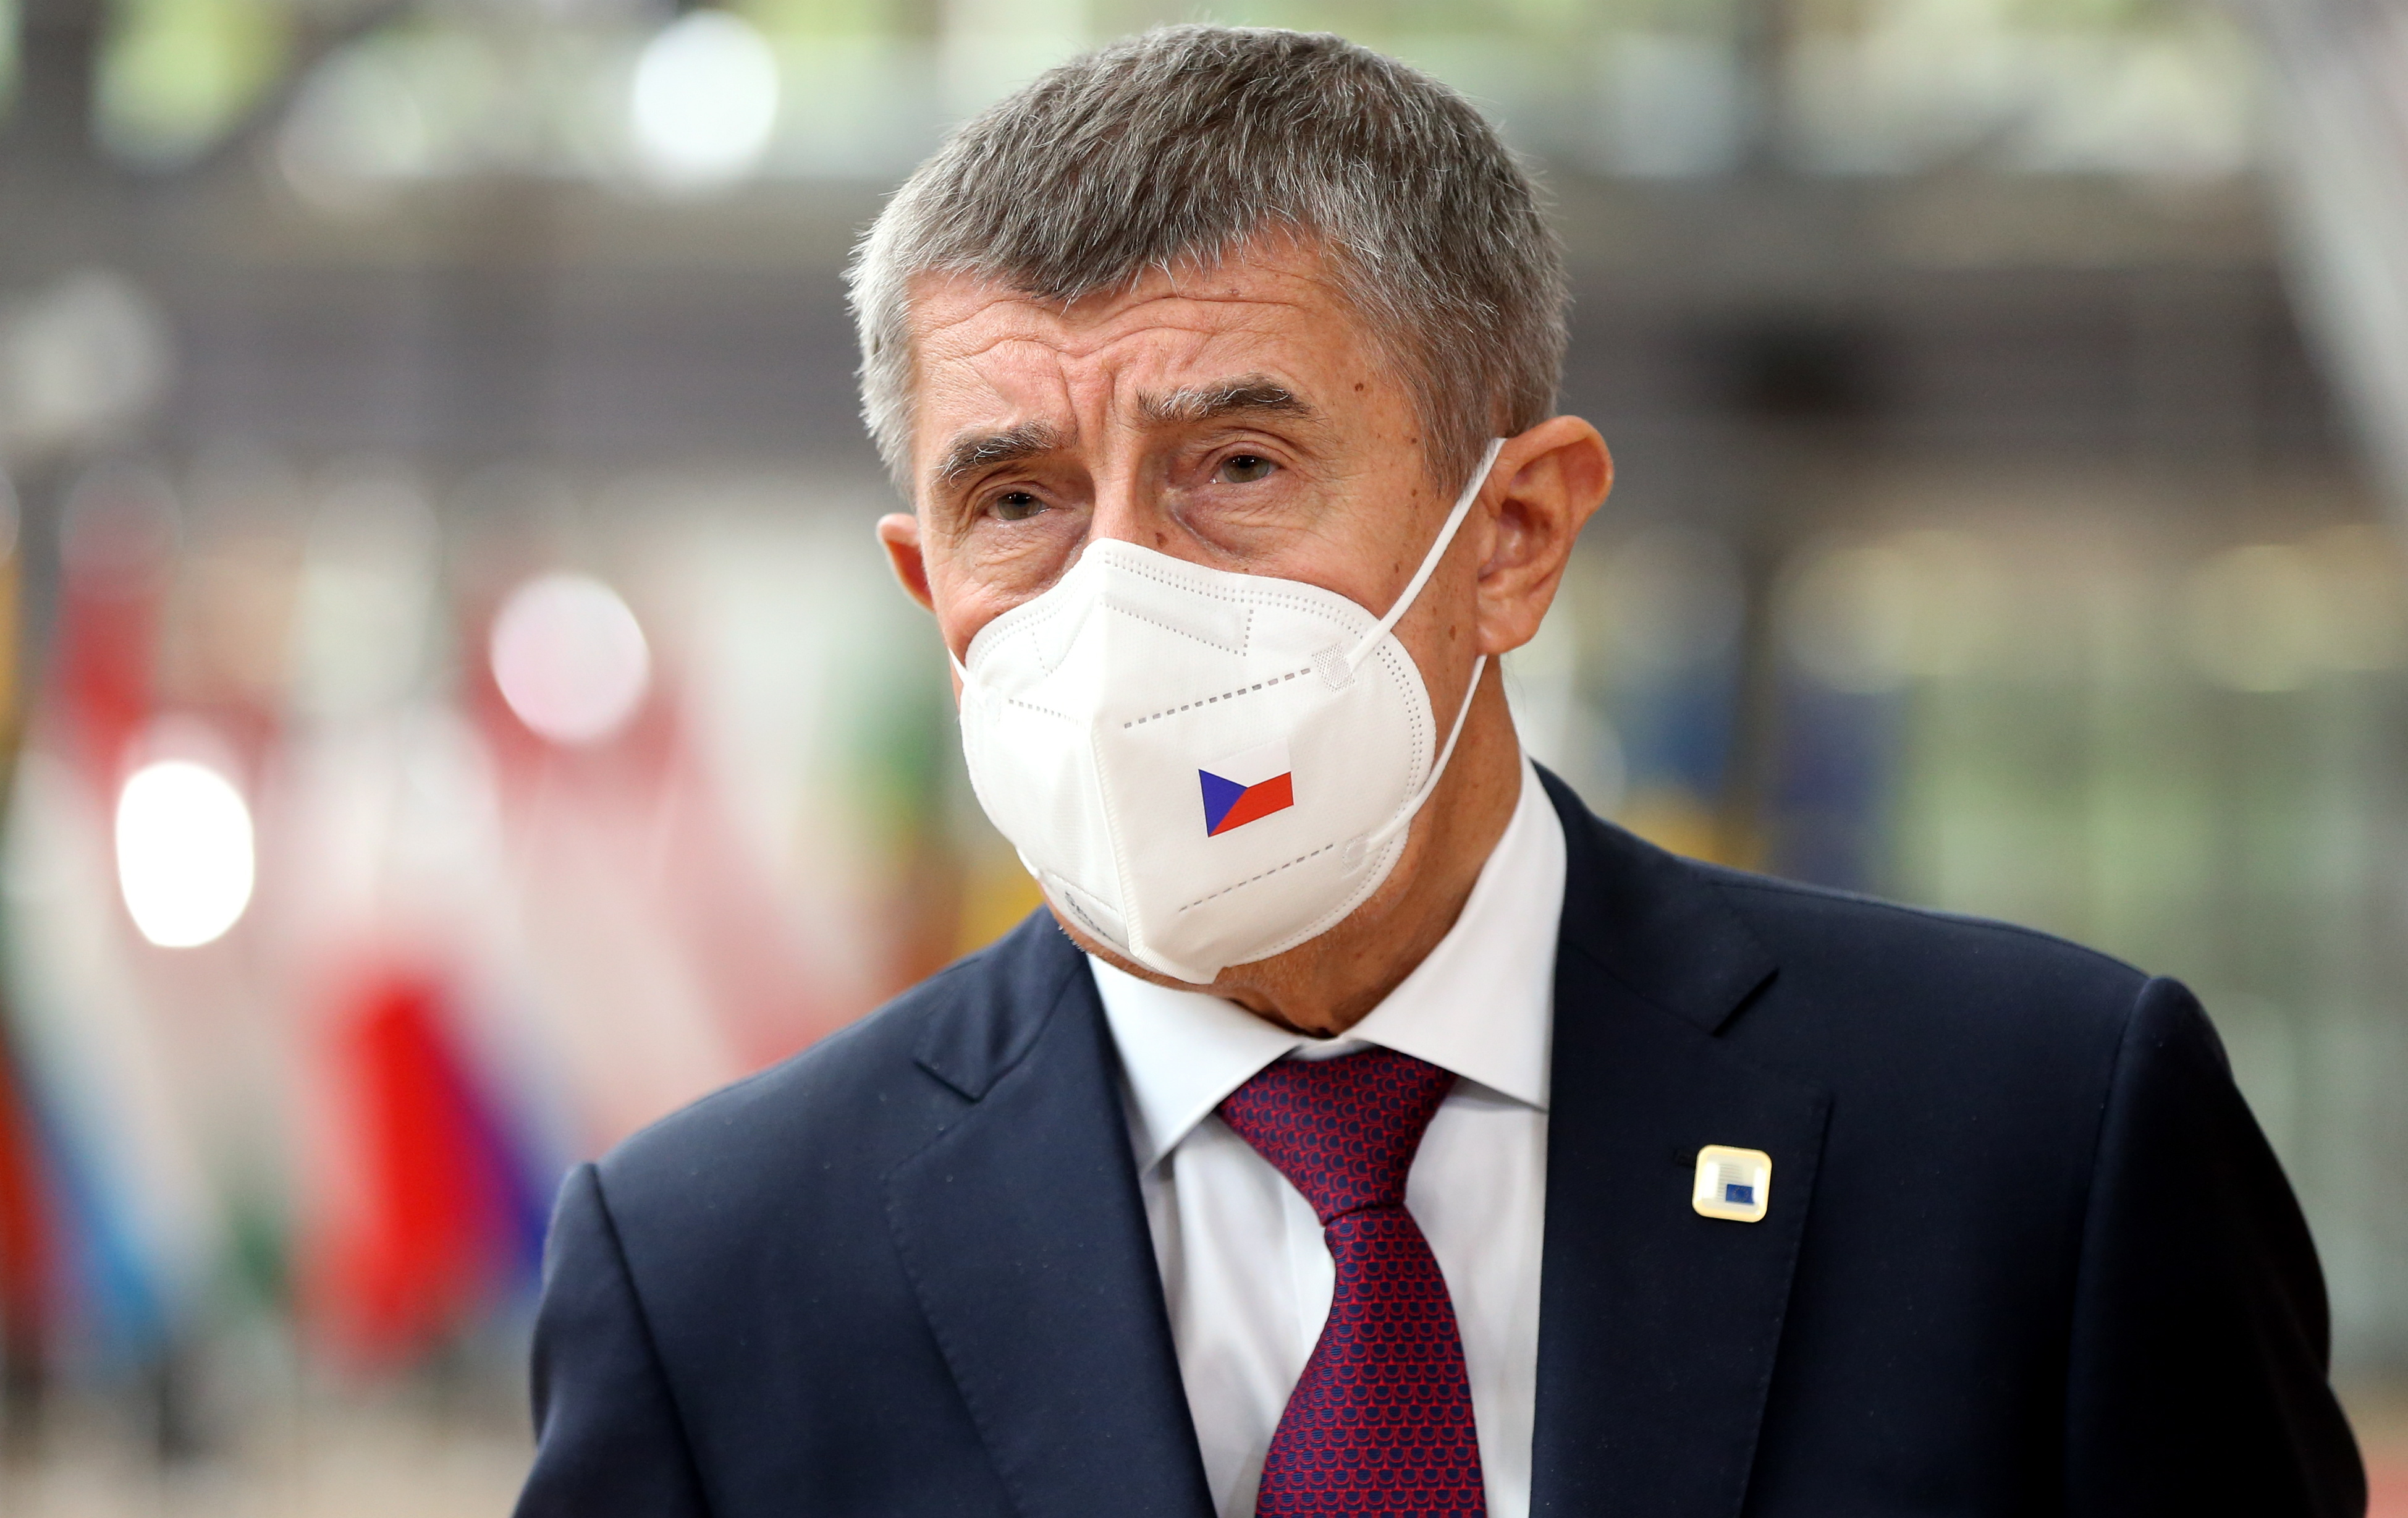 Lemondott a cseh közegészségügyi intézet vezetője, miután kollégáknak és hozzátartozóknak intéztek oltásokat